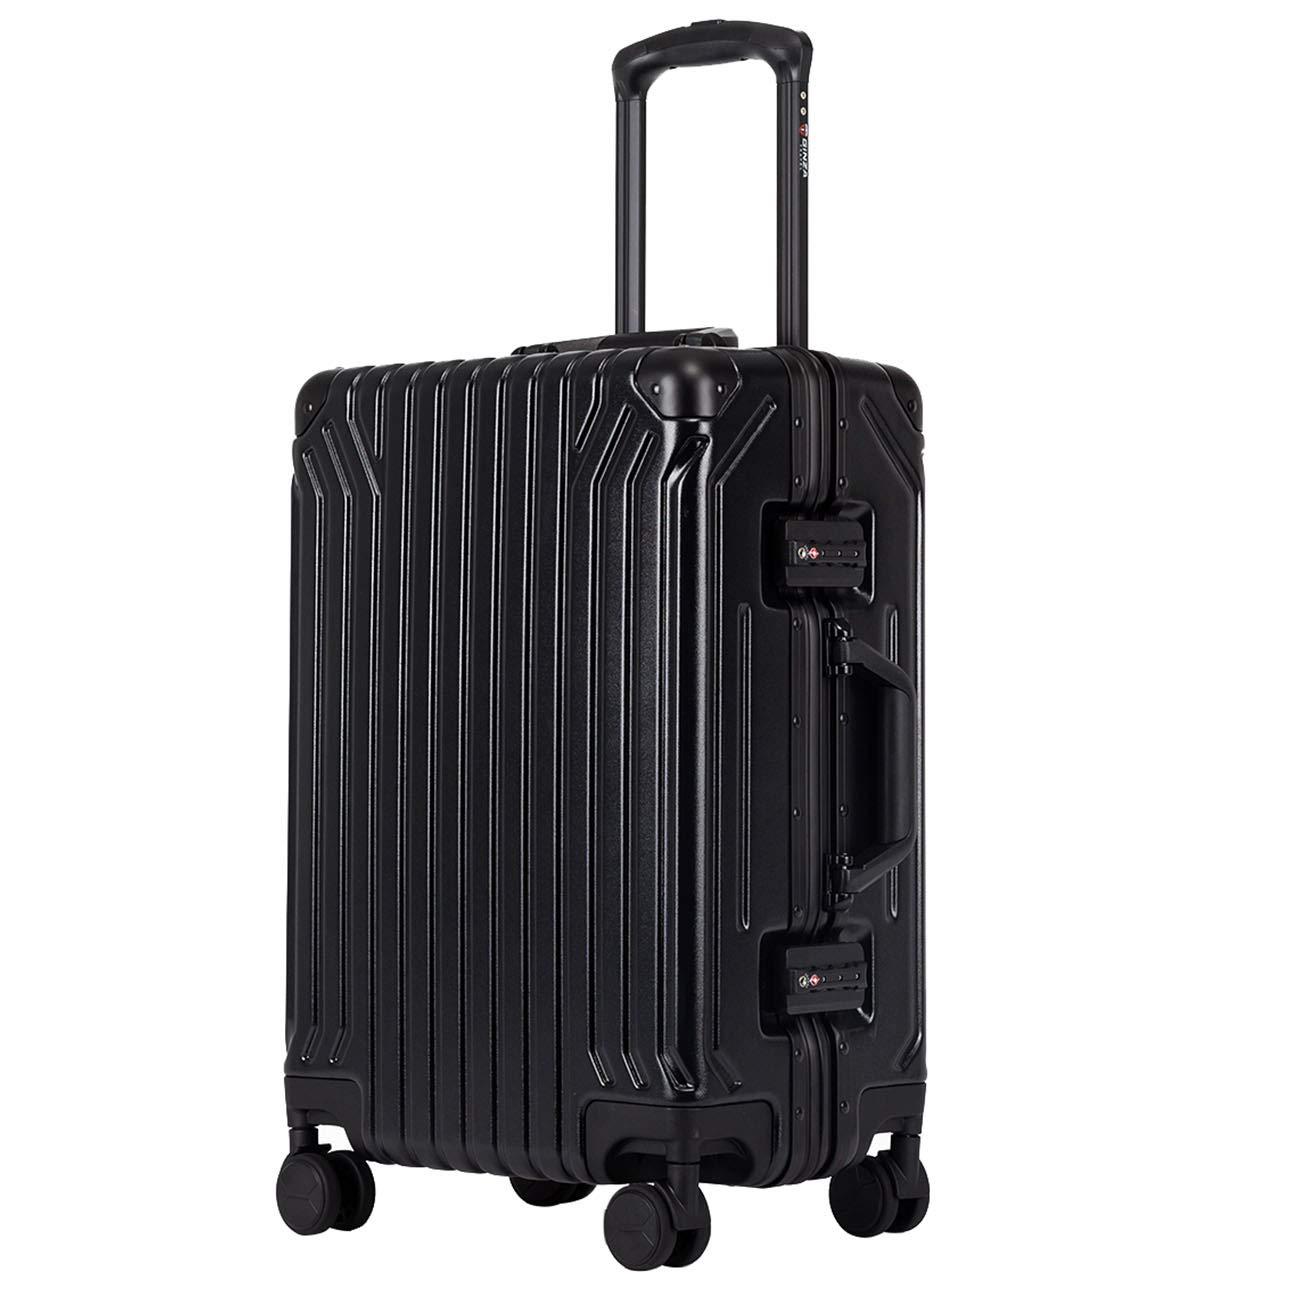 クロース(Kroeus)キャリーケース スーツケース PC100%ボディ アルミフレーム 高強度 TSAロック搭載 4輪ダブルキャスター S型機内持ち込み可 日本語取扱説明書 1年間保証付き B07NP3L188 ブラック S(40L/1~3泊)